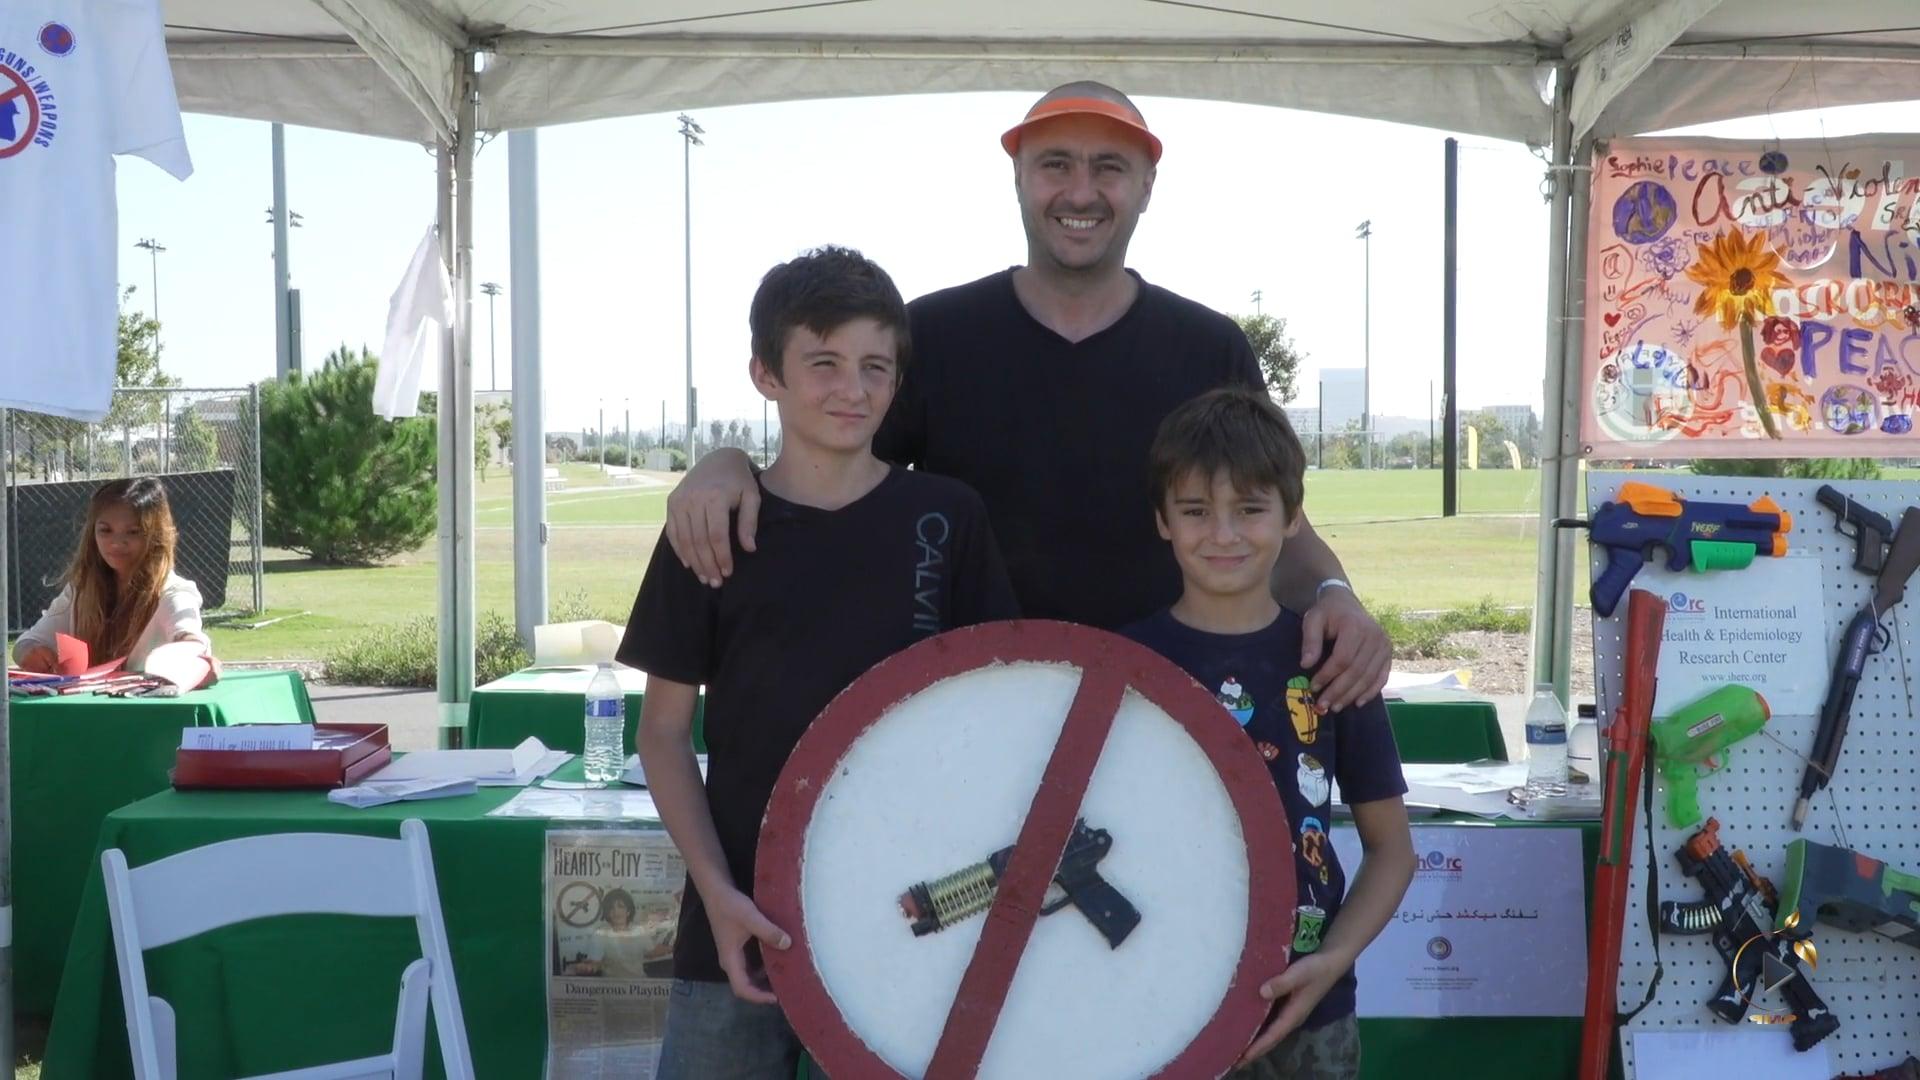 کمپین «مبارزه با خشونت و نه به اسلحه»